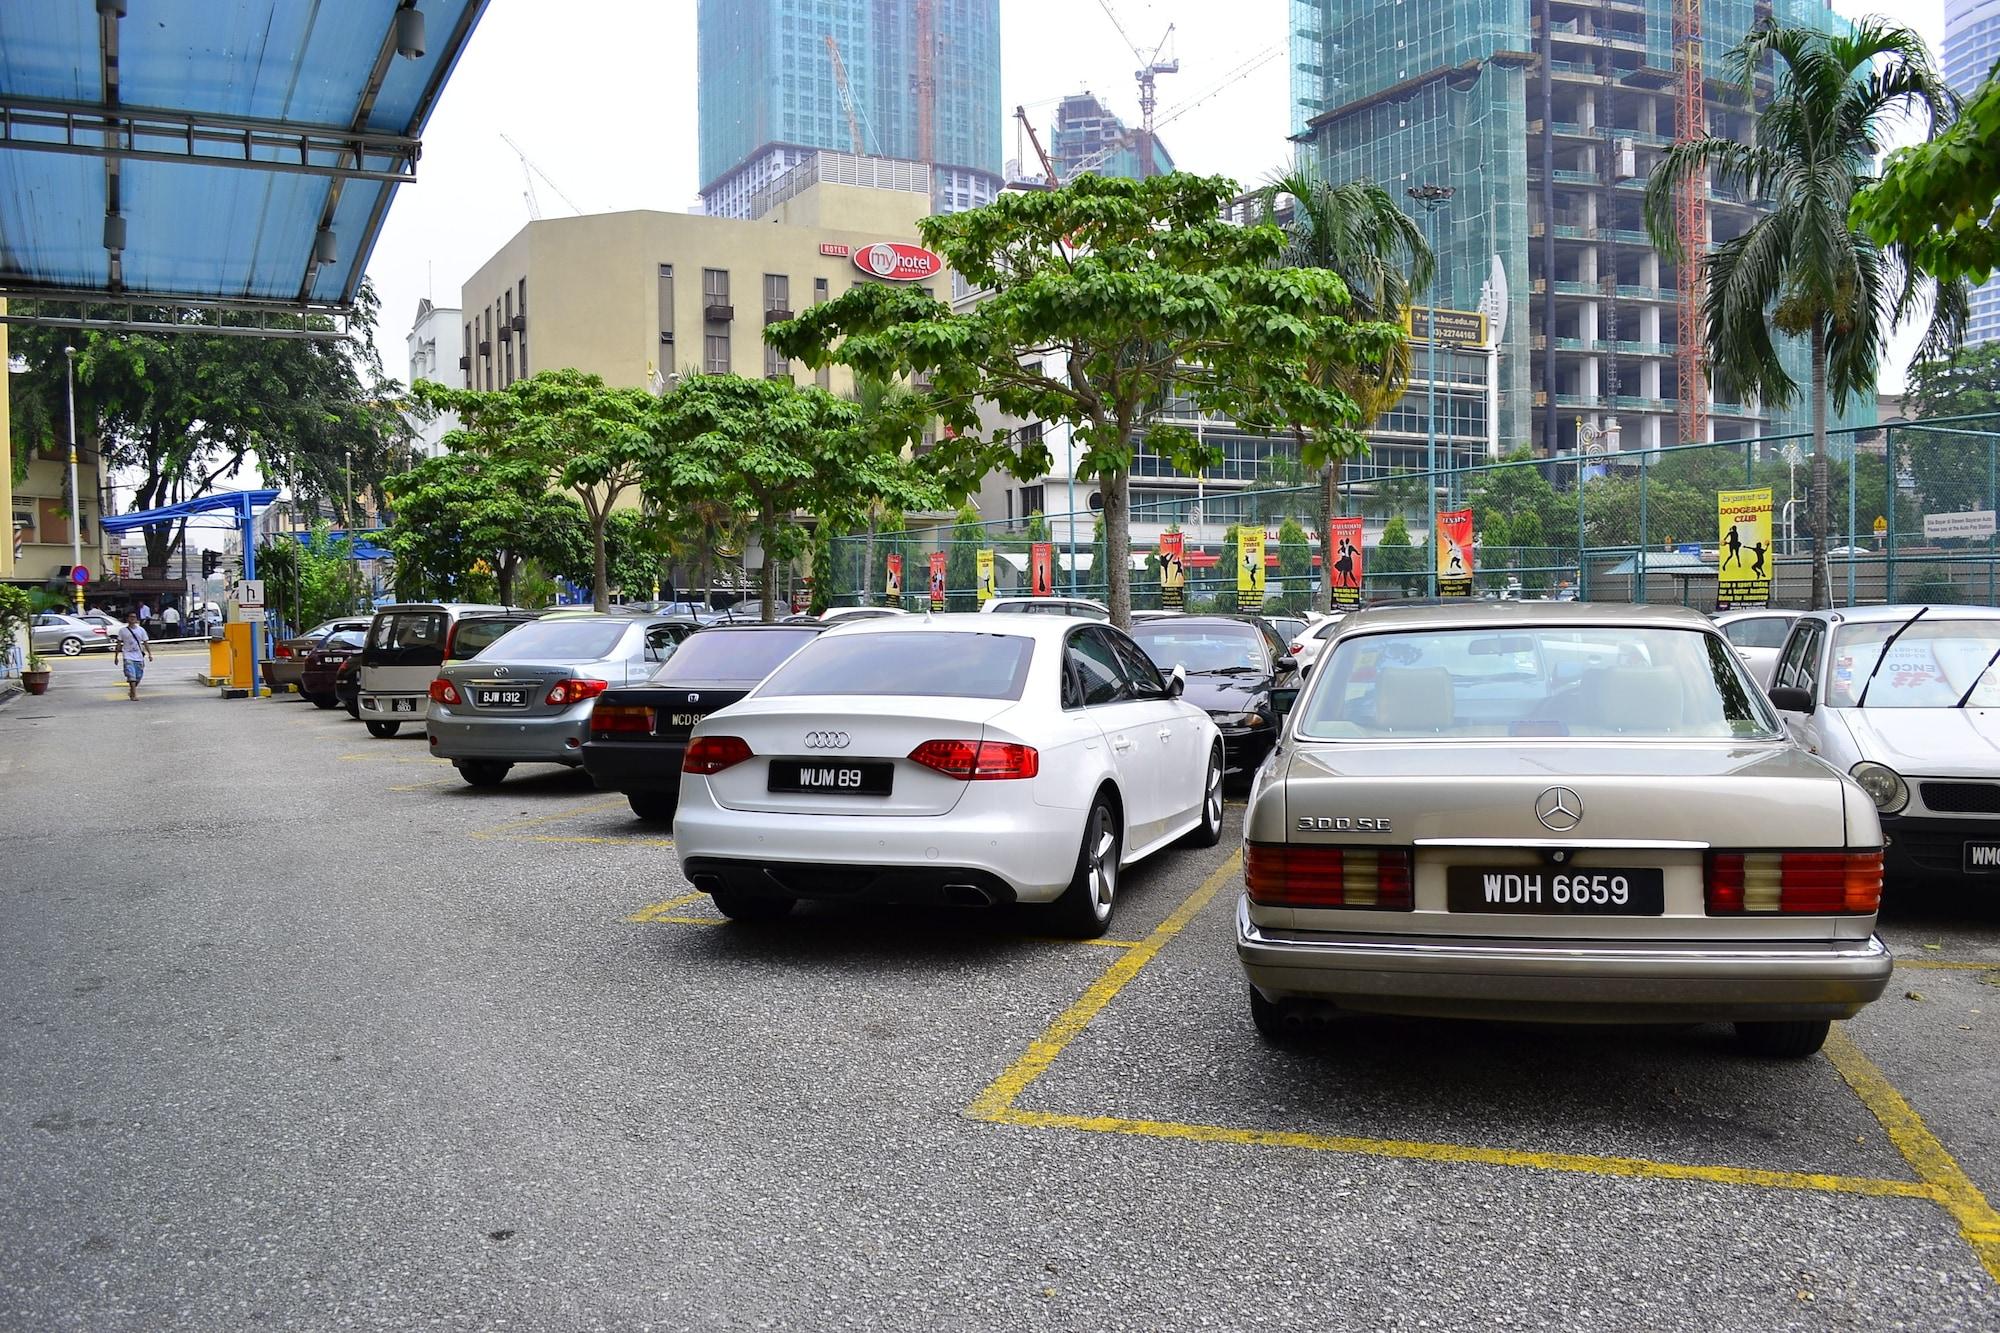 YMCA Kuala Lumpur, Kuala Lumpur